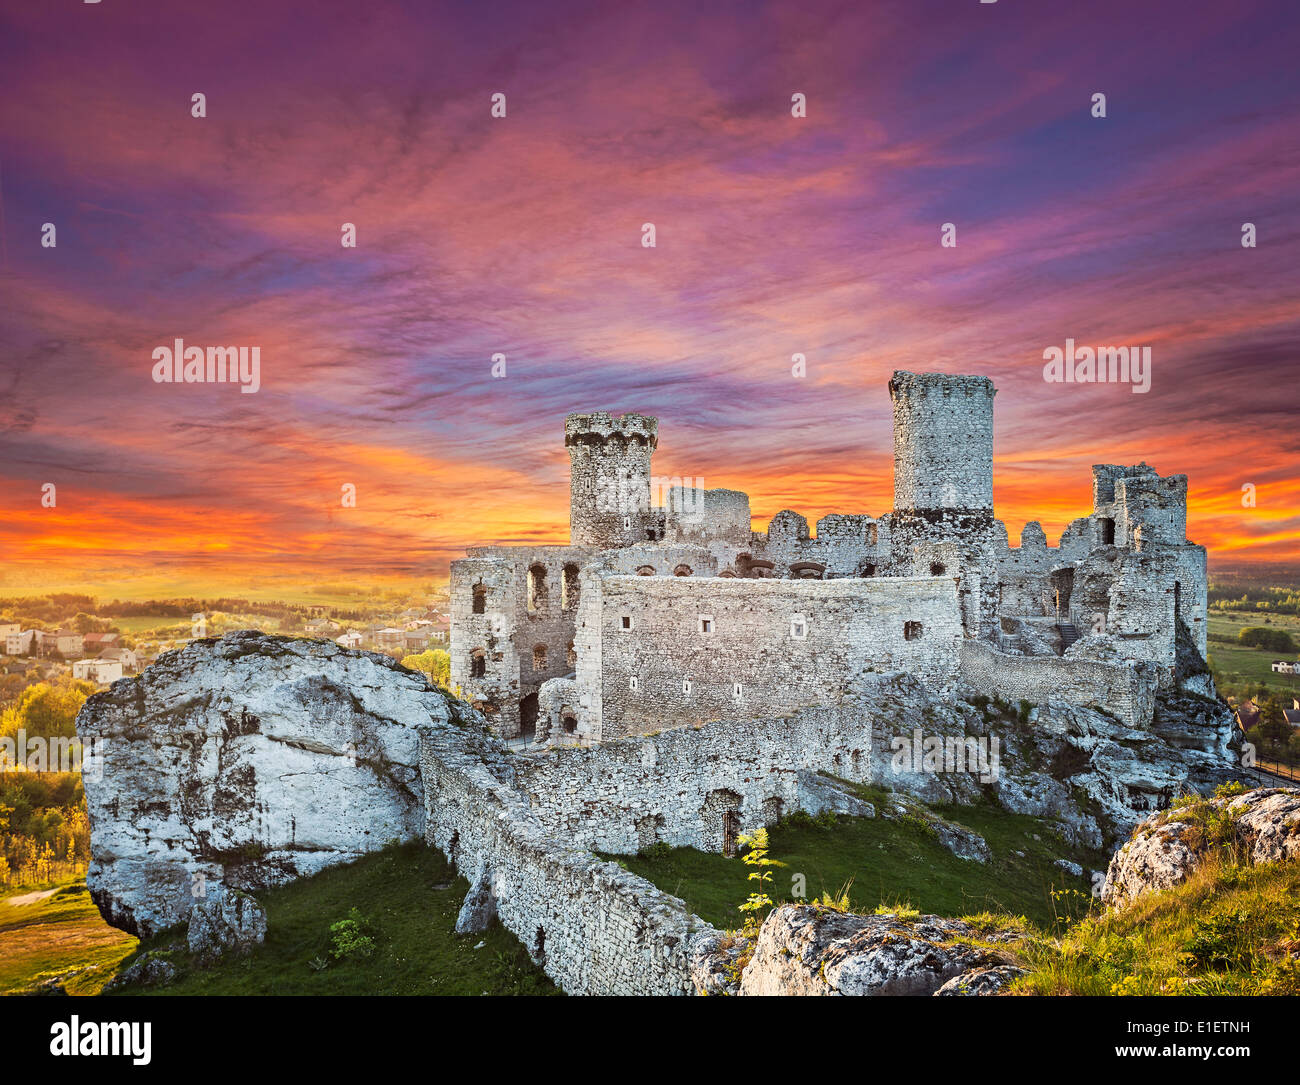 Magnifique coucher de soleil sur le château de Ogrodzieniec, Pologne. Photo Stock